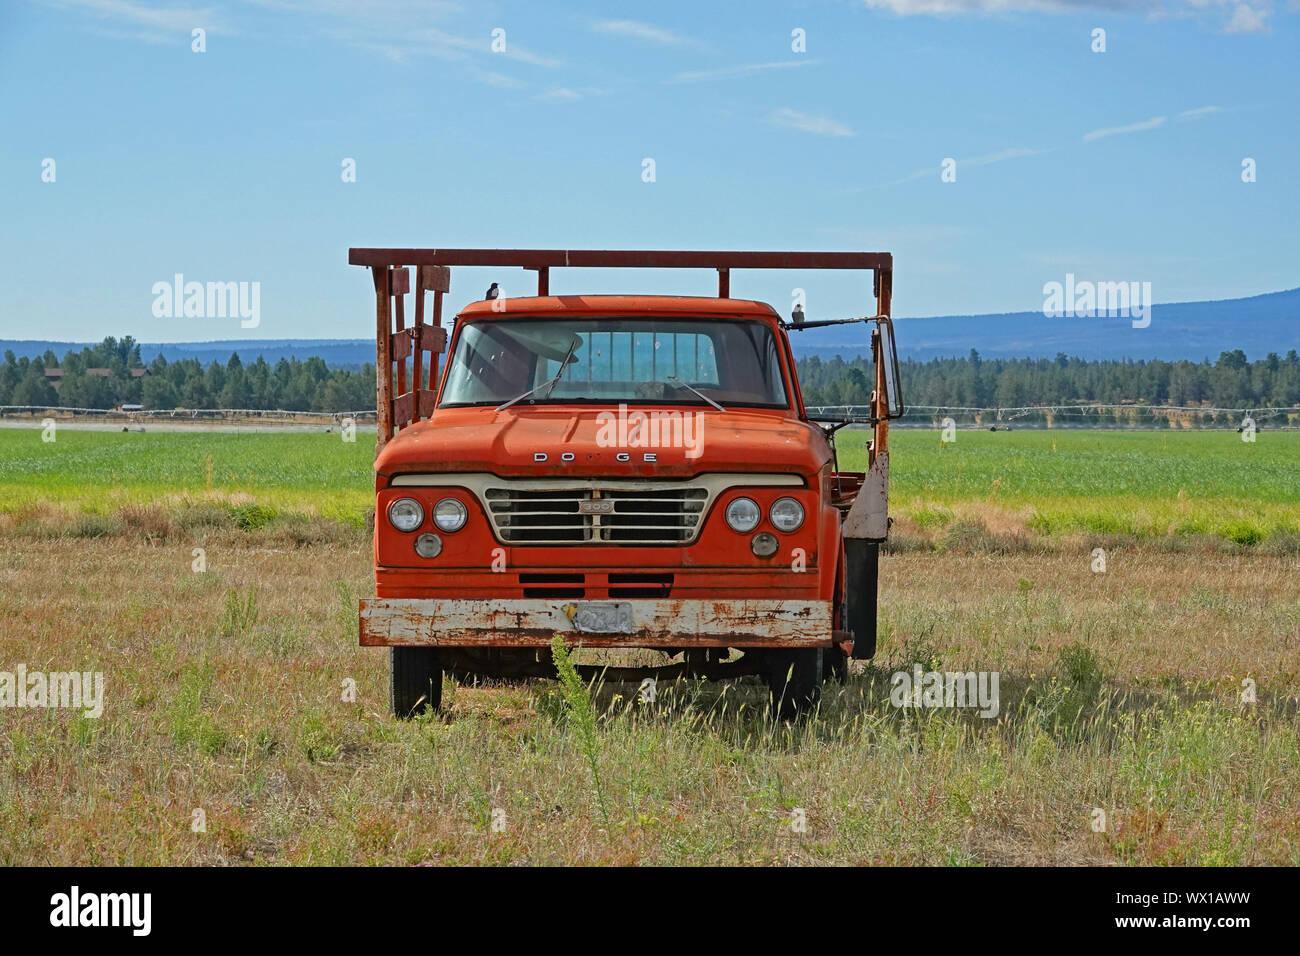 Un 1965 Dodge 300 carretilla sentado en una granja de campo después de ser abandonados por el agricultor quien lo posee. Foto de stock